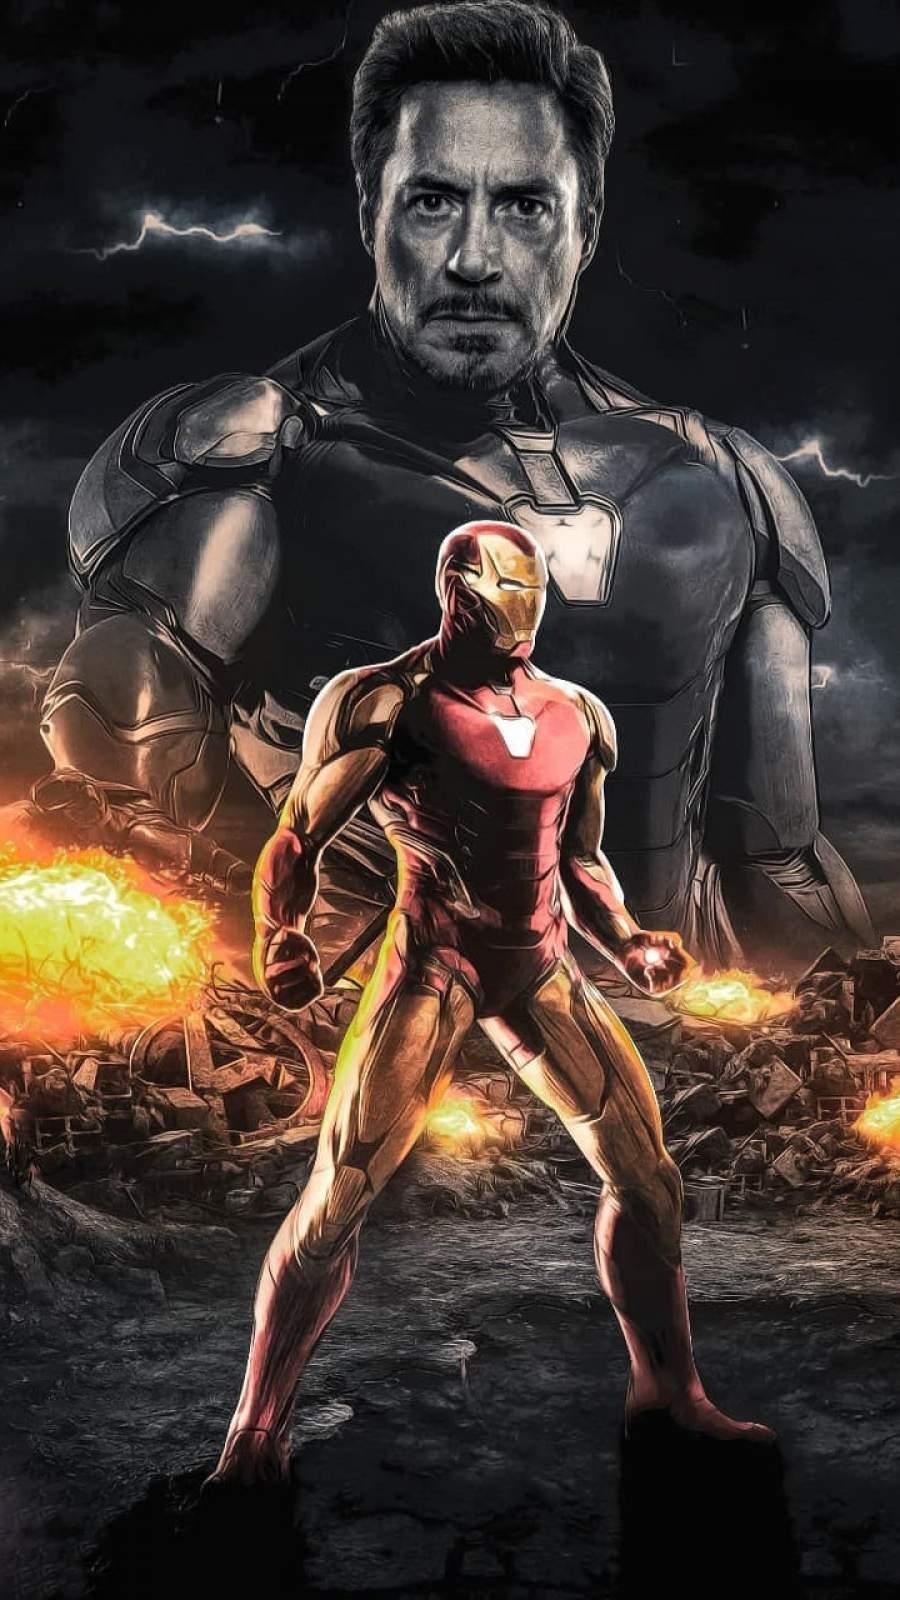 Iron Man Endgame Art iPhone Wallpaper